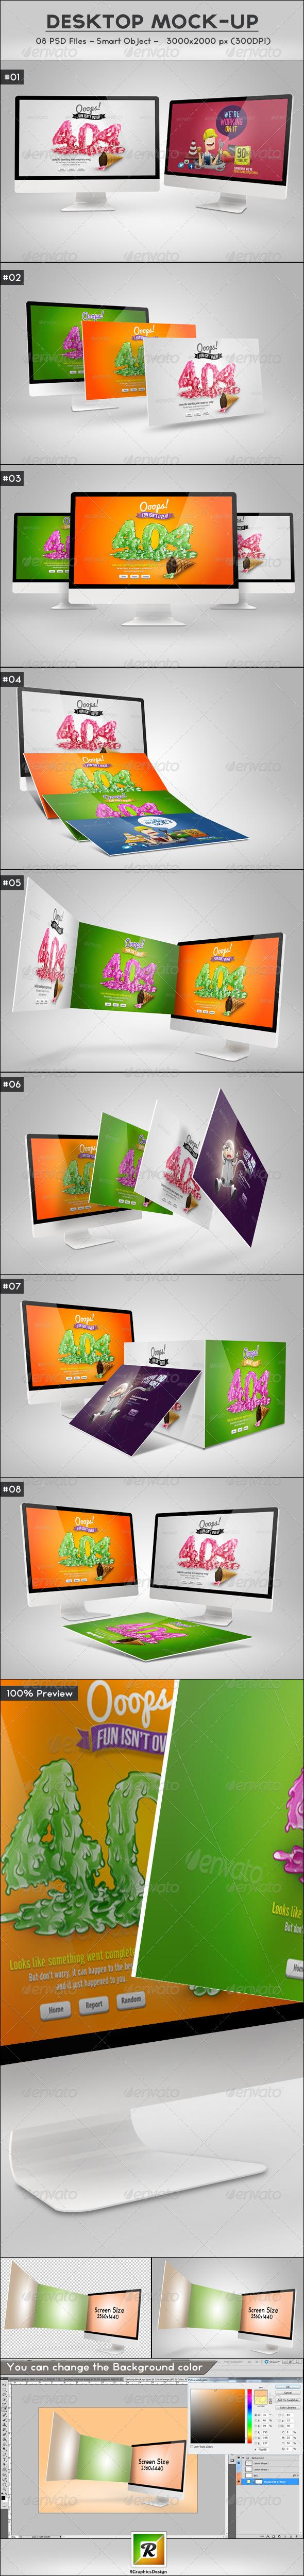 GraphicRiver Desktop Mock-Up 5631357